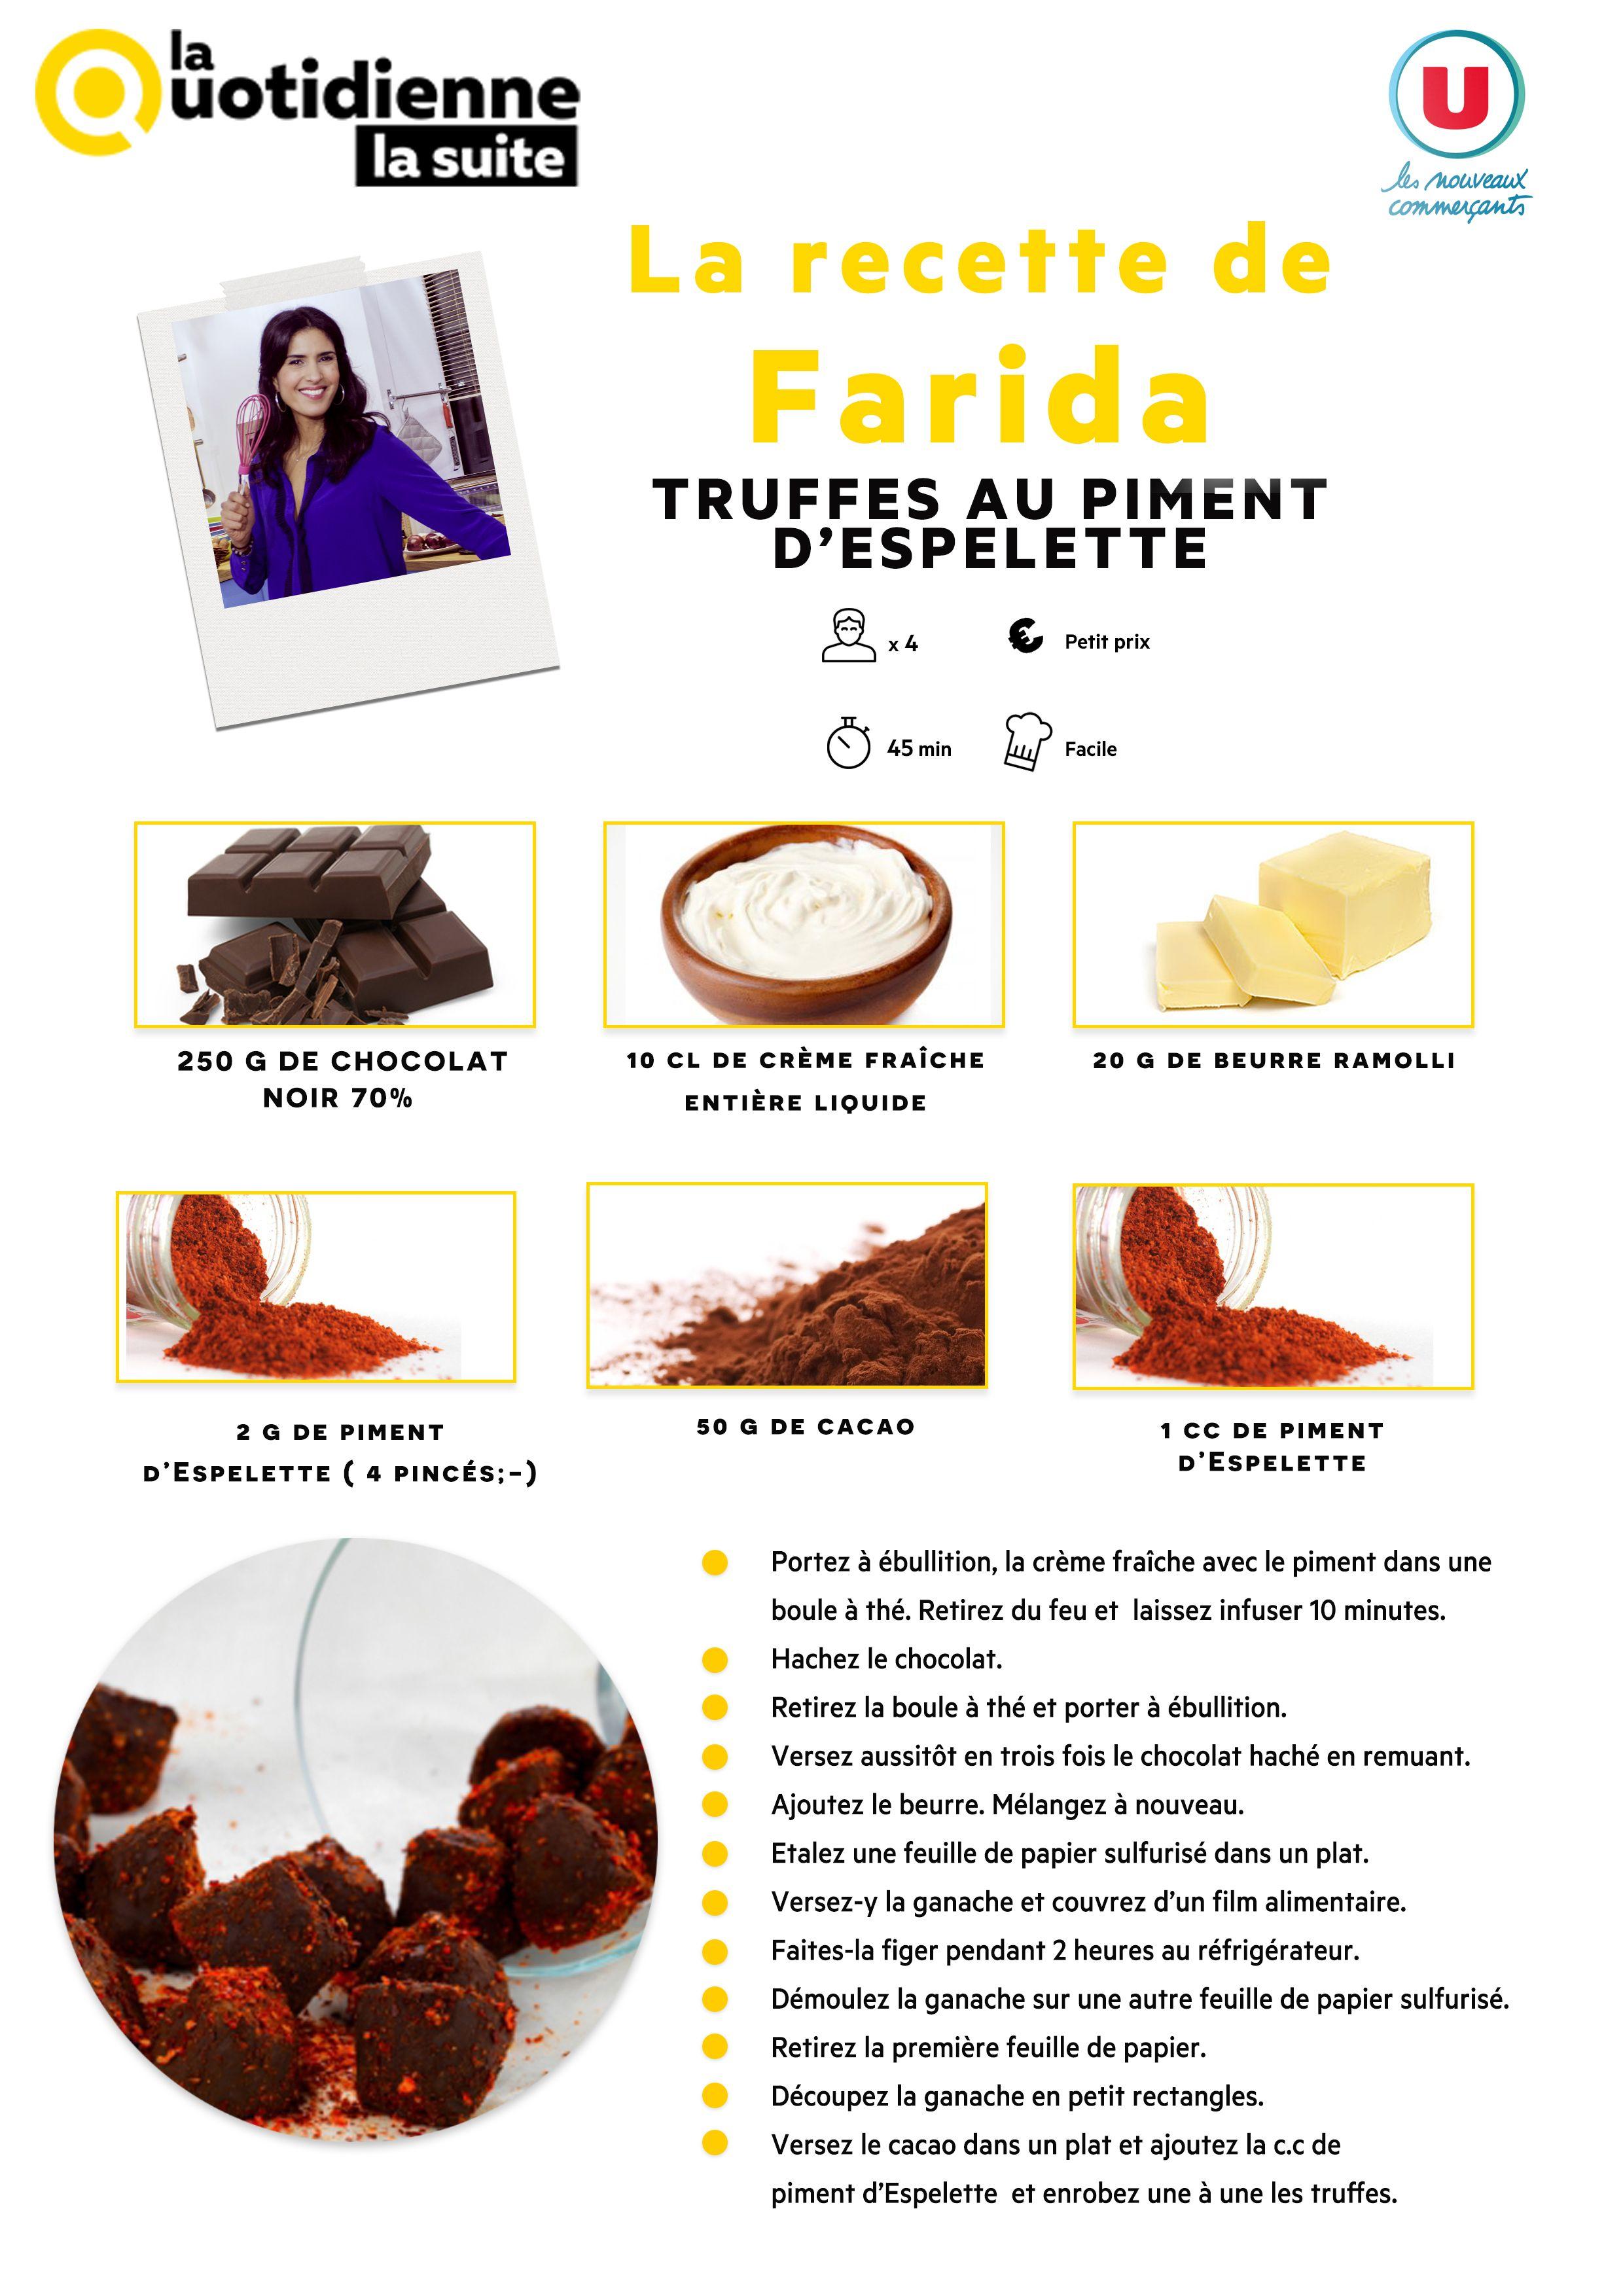 Les recettes la quotidienne la suite france 5 cuisine pinterest - Recette cuisine quotidienne ...